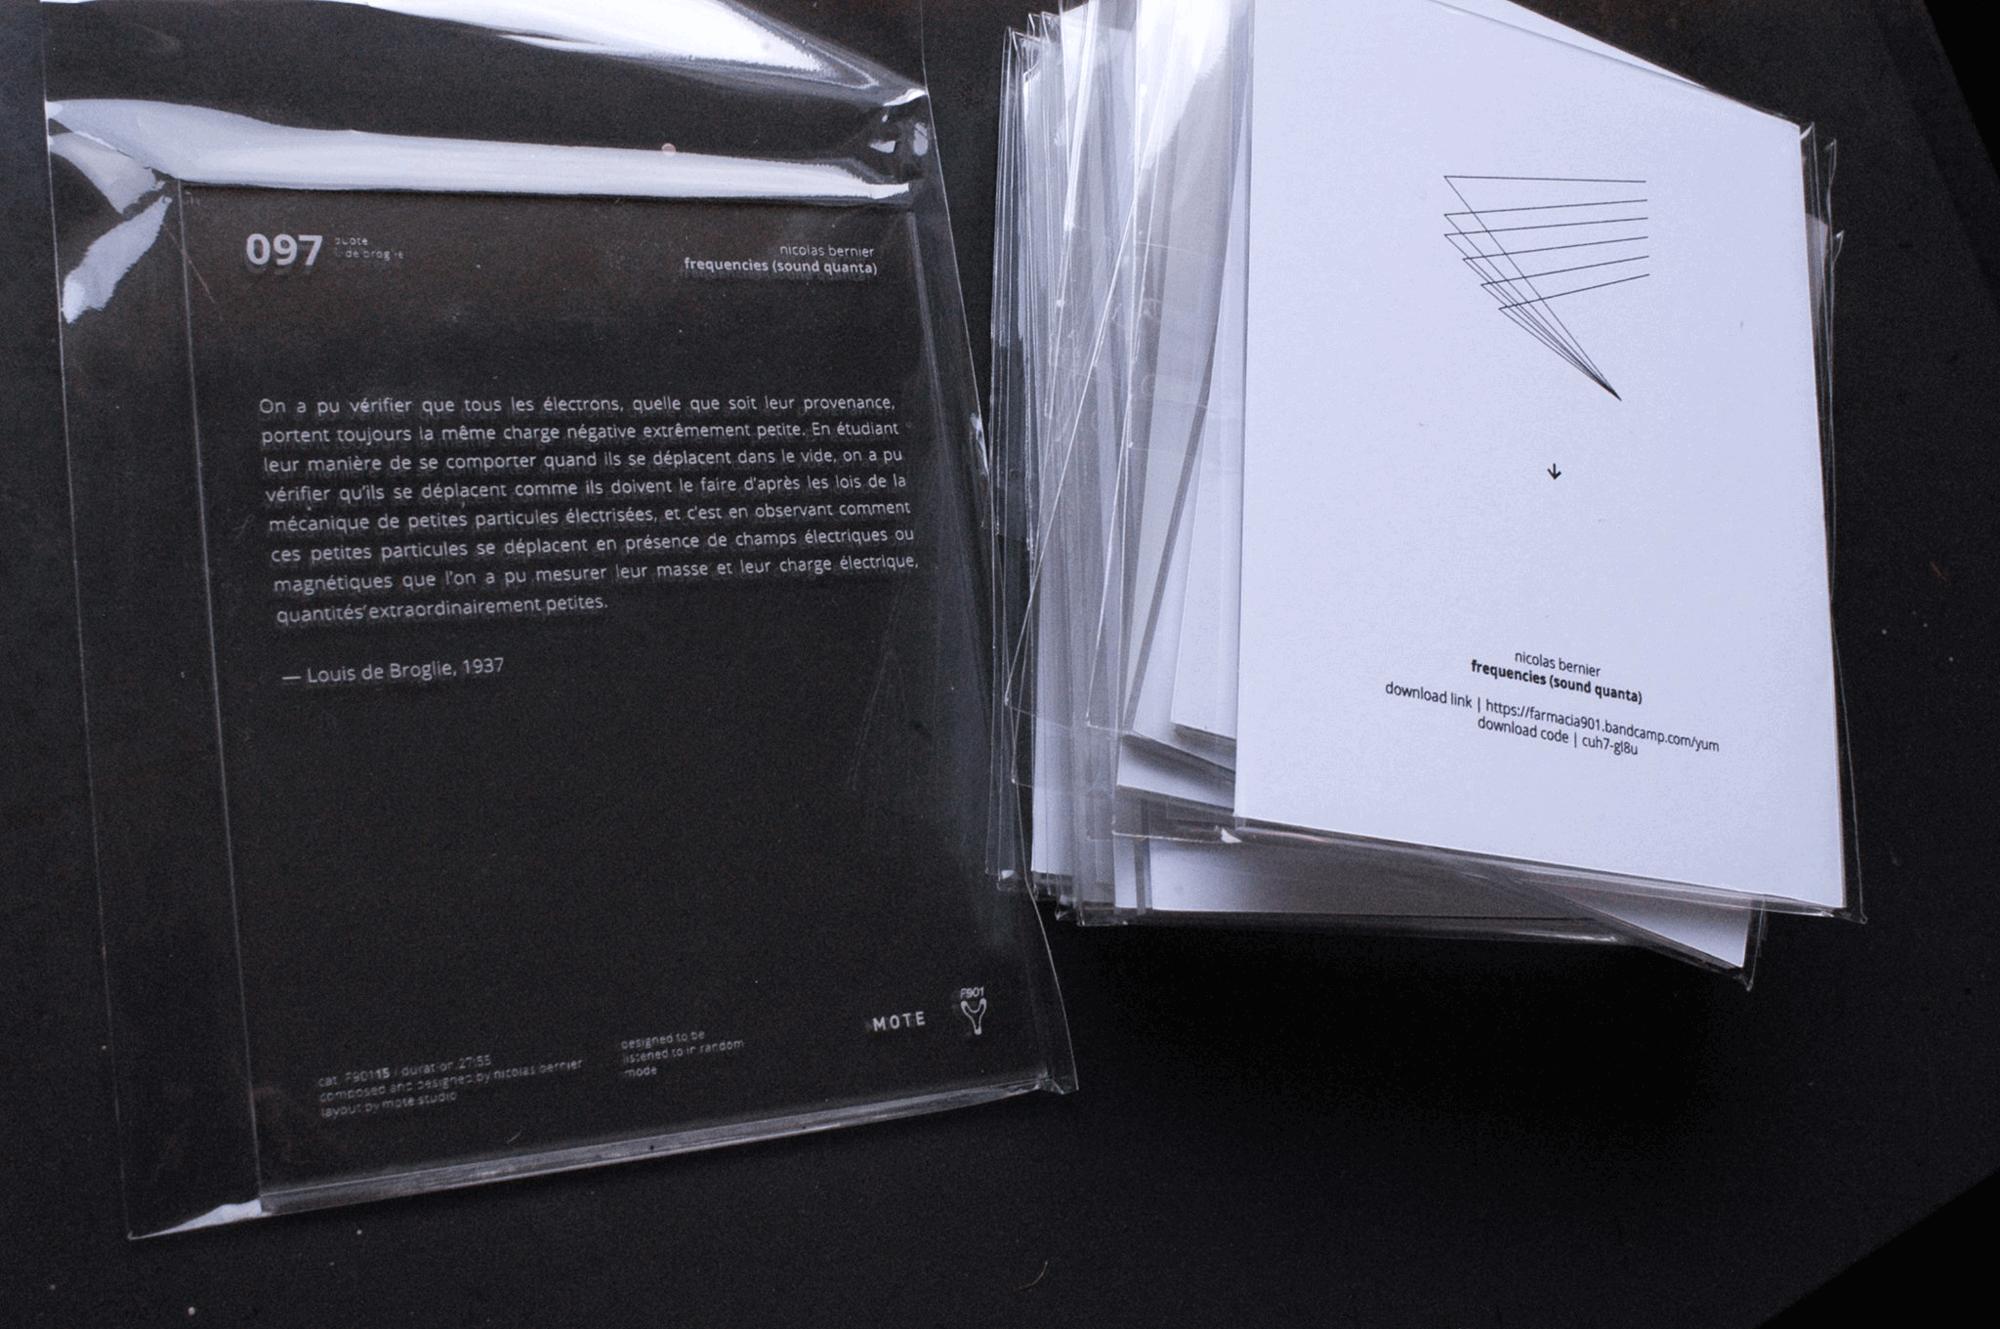 901 editions › Nicolas Bernier — frequencies (sound quanta)